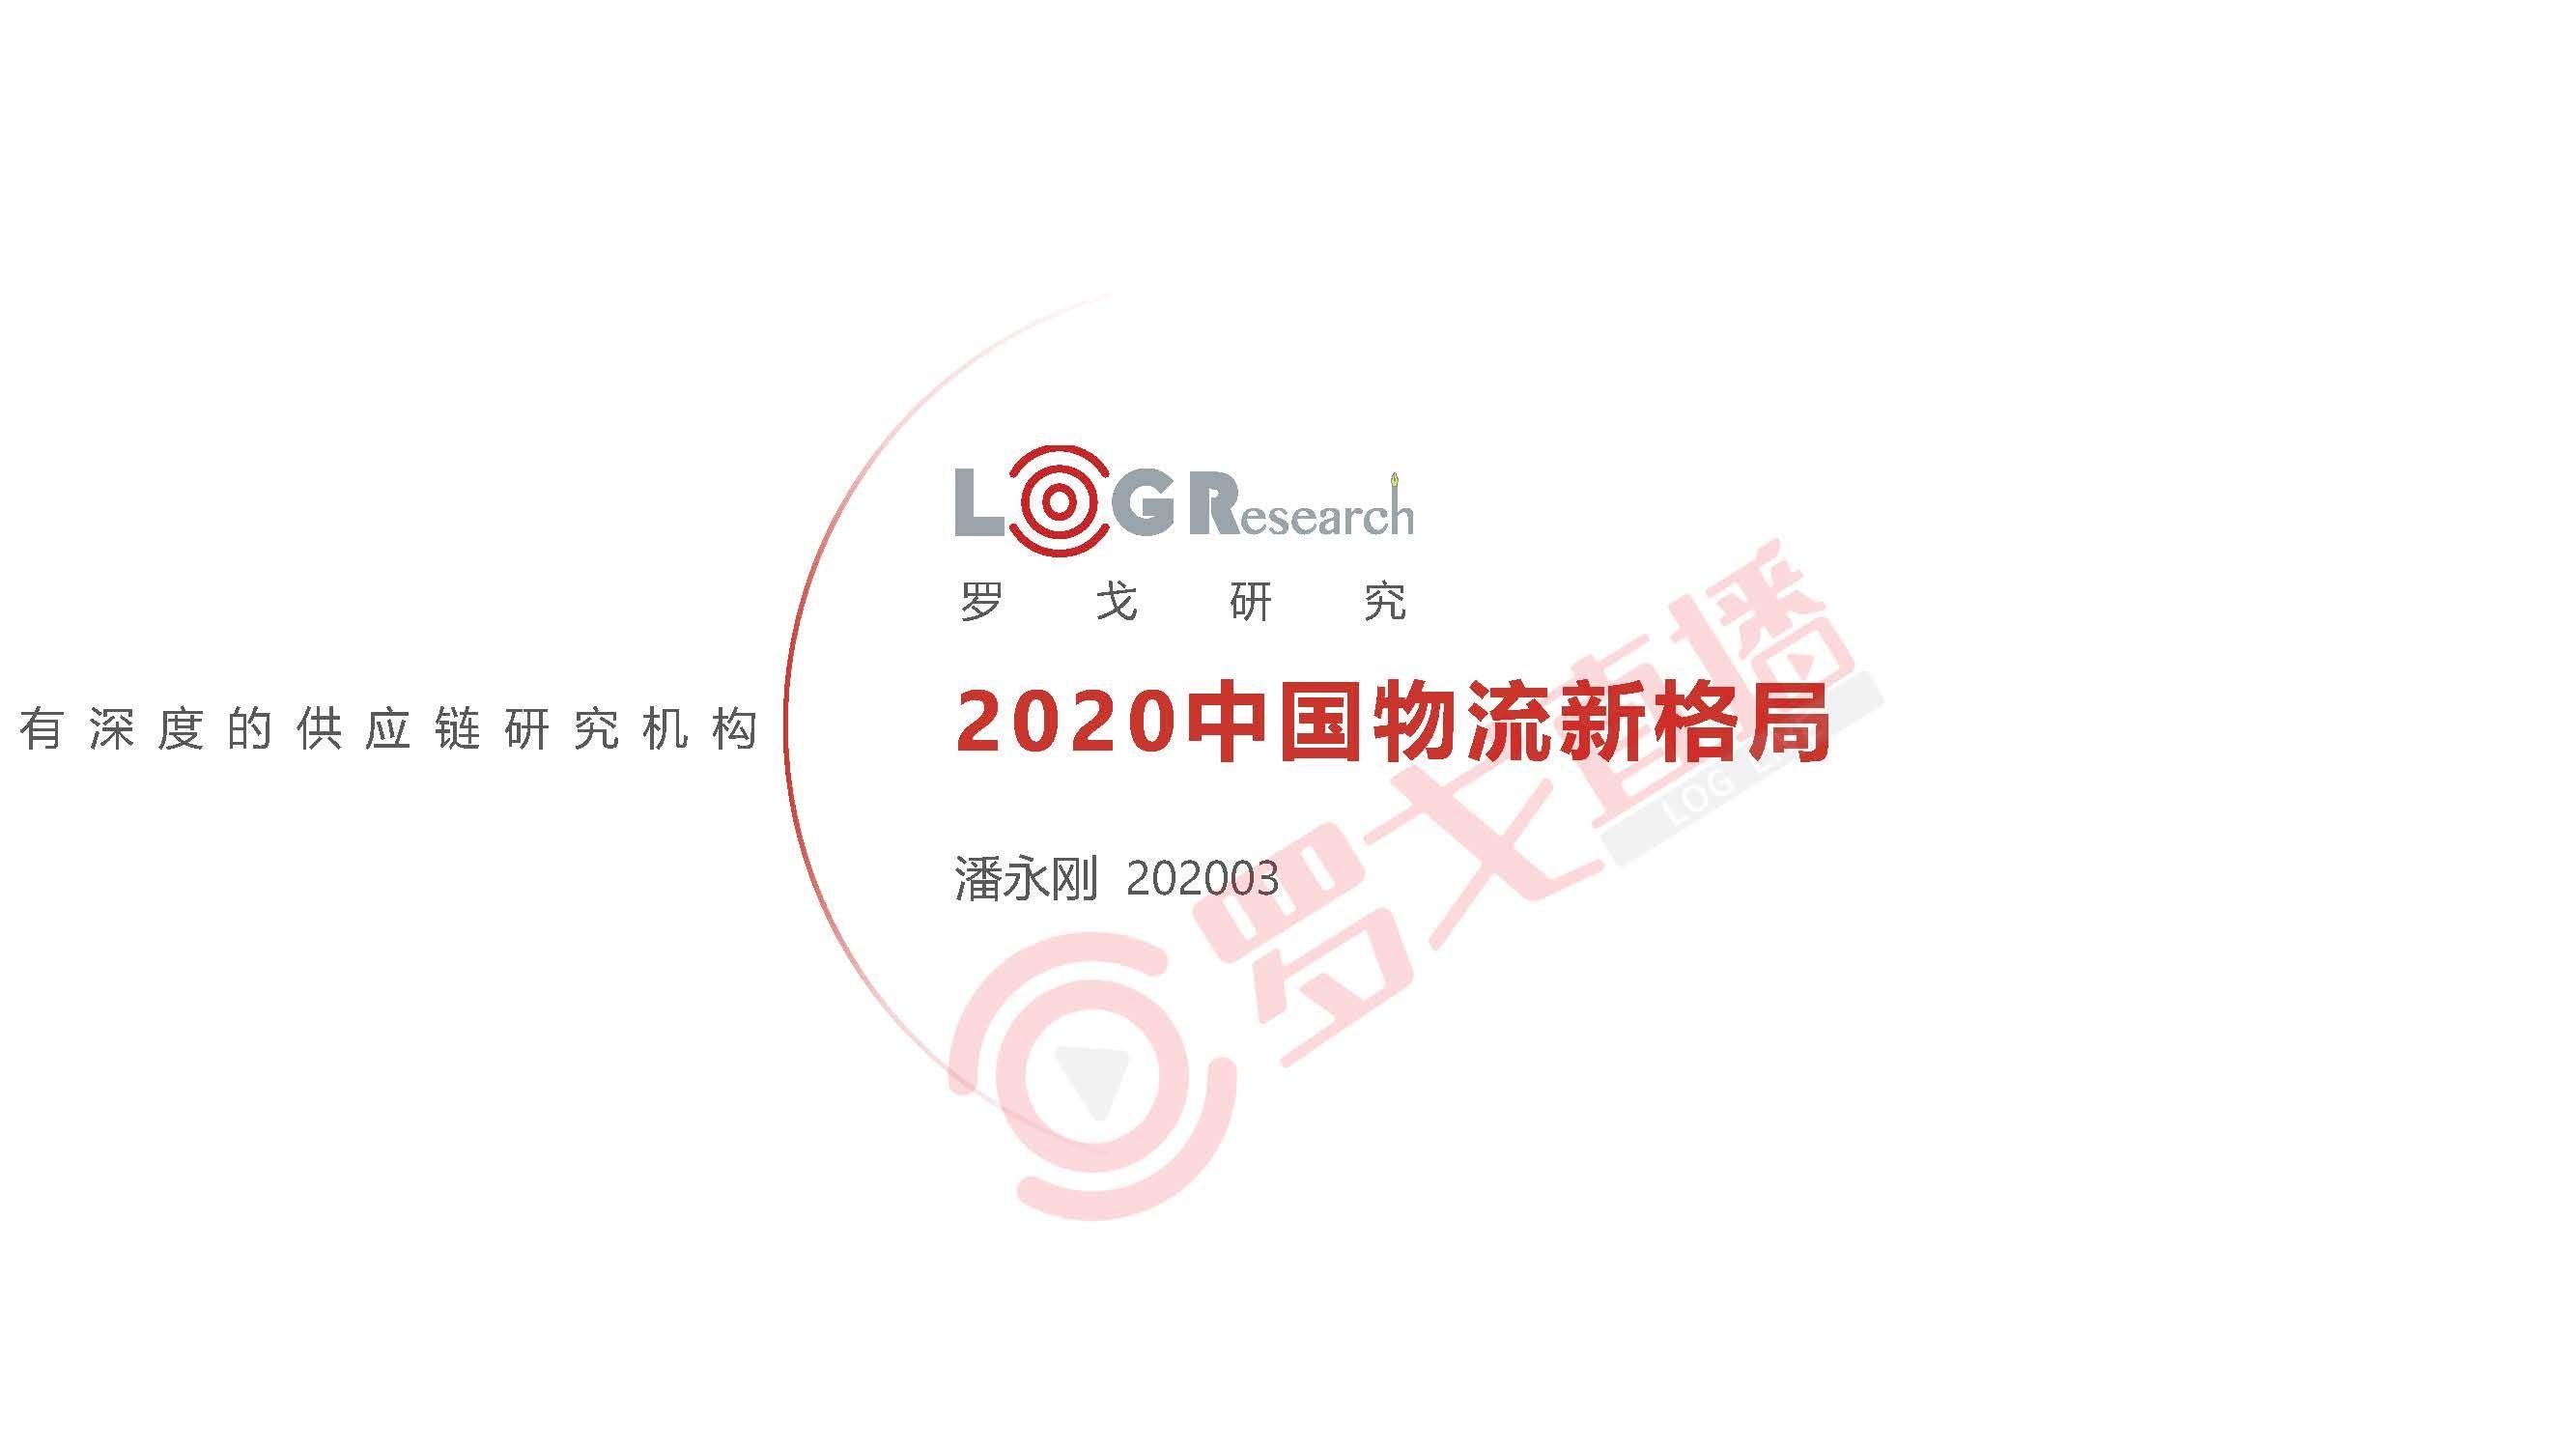 罗戈研究水哥:2020中国物流新格局